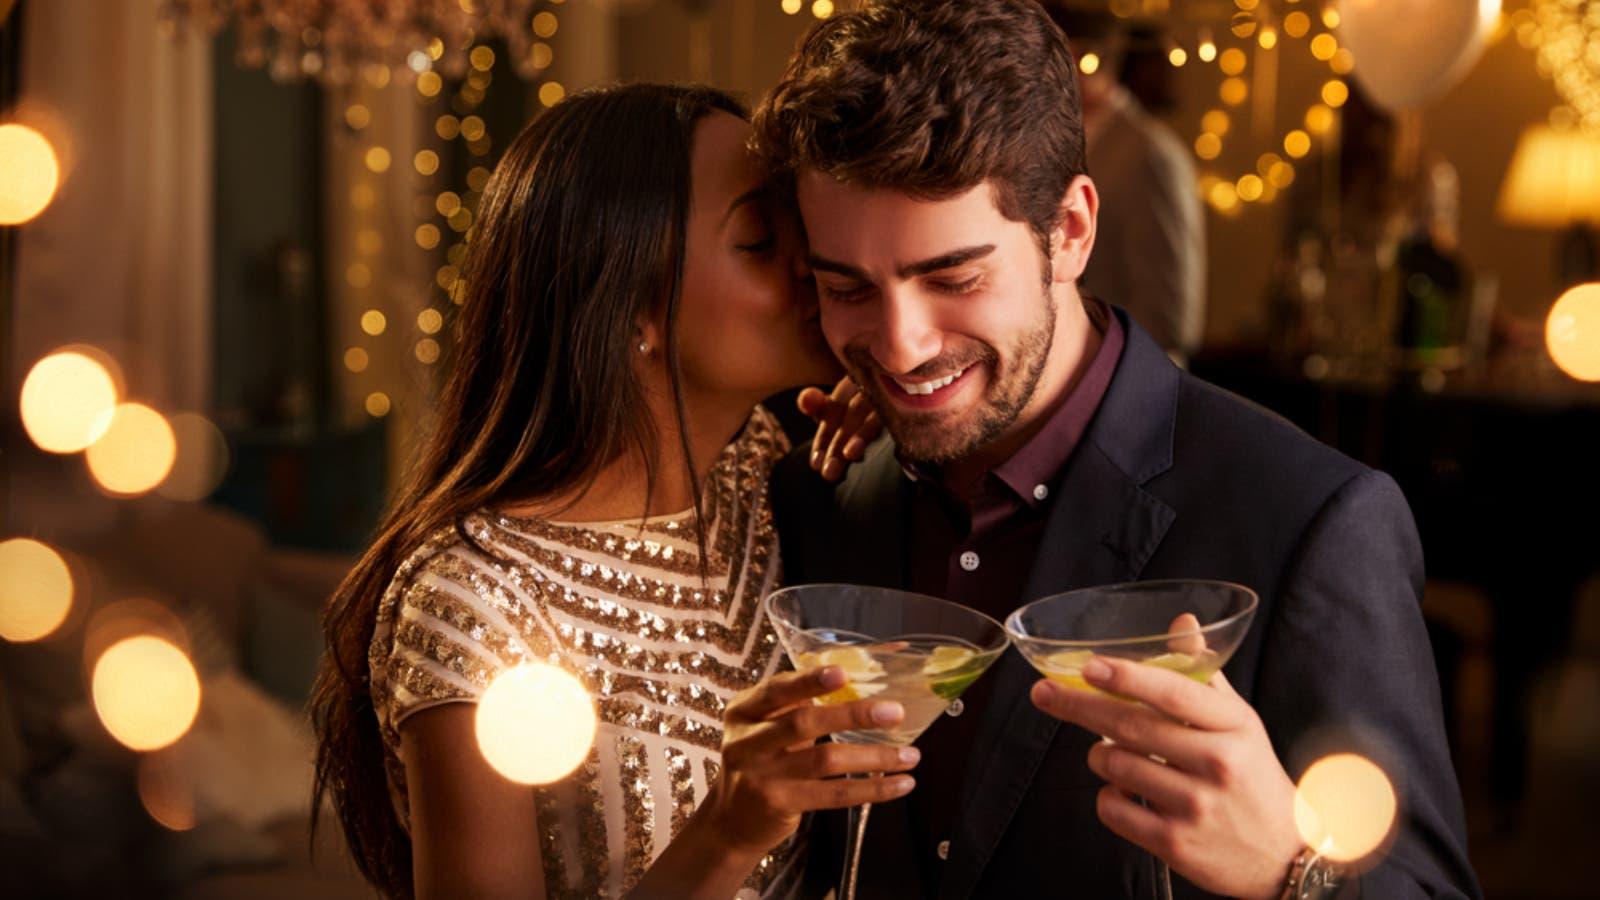 افكار رومانسية from www.albawaba.com